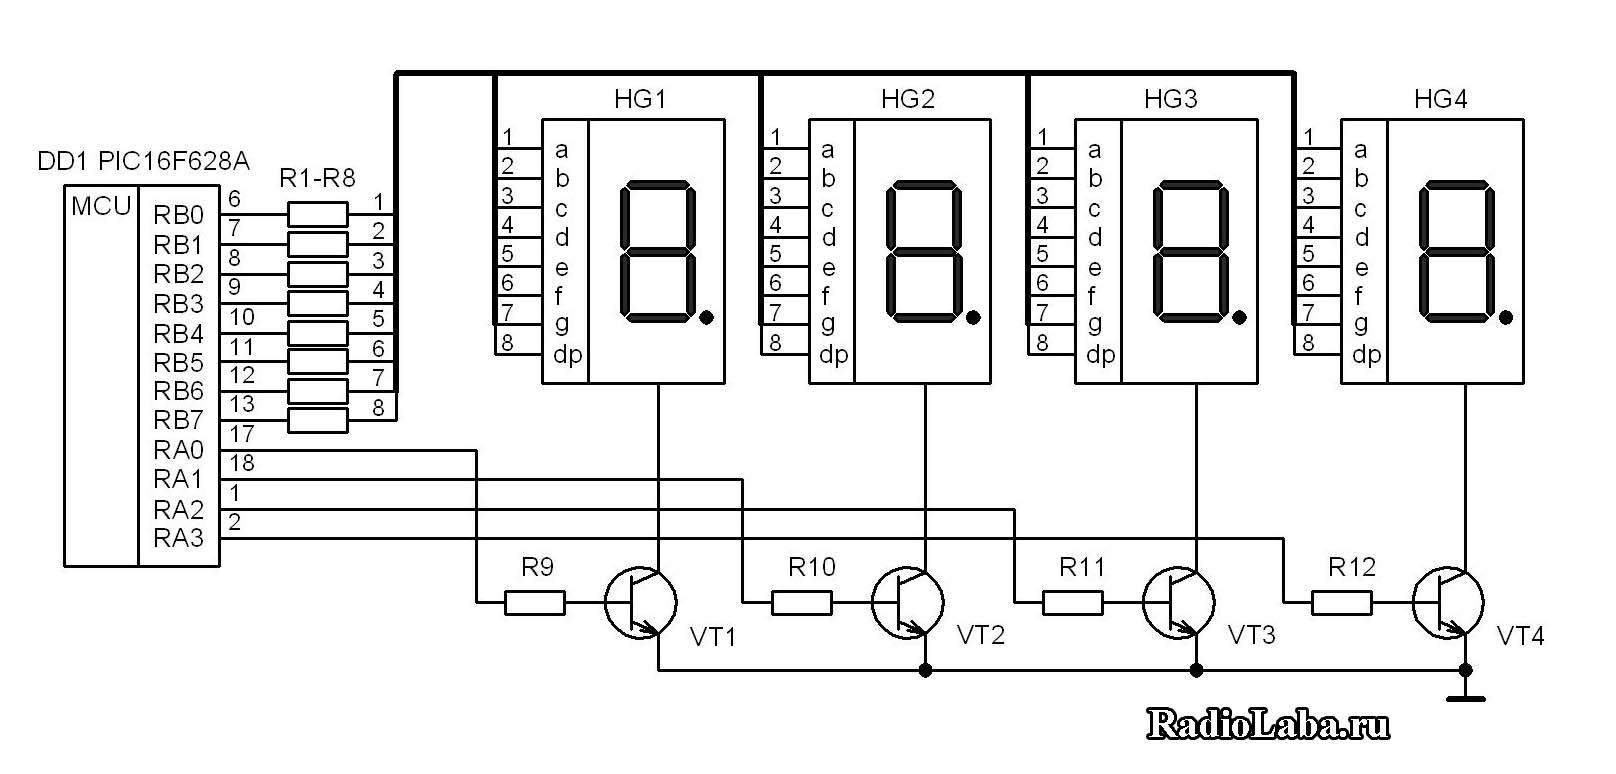 Подключение семисегментных индикаторов к микроконтроллеру